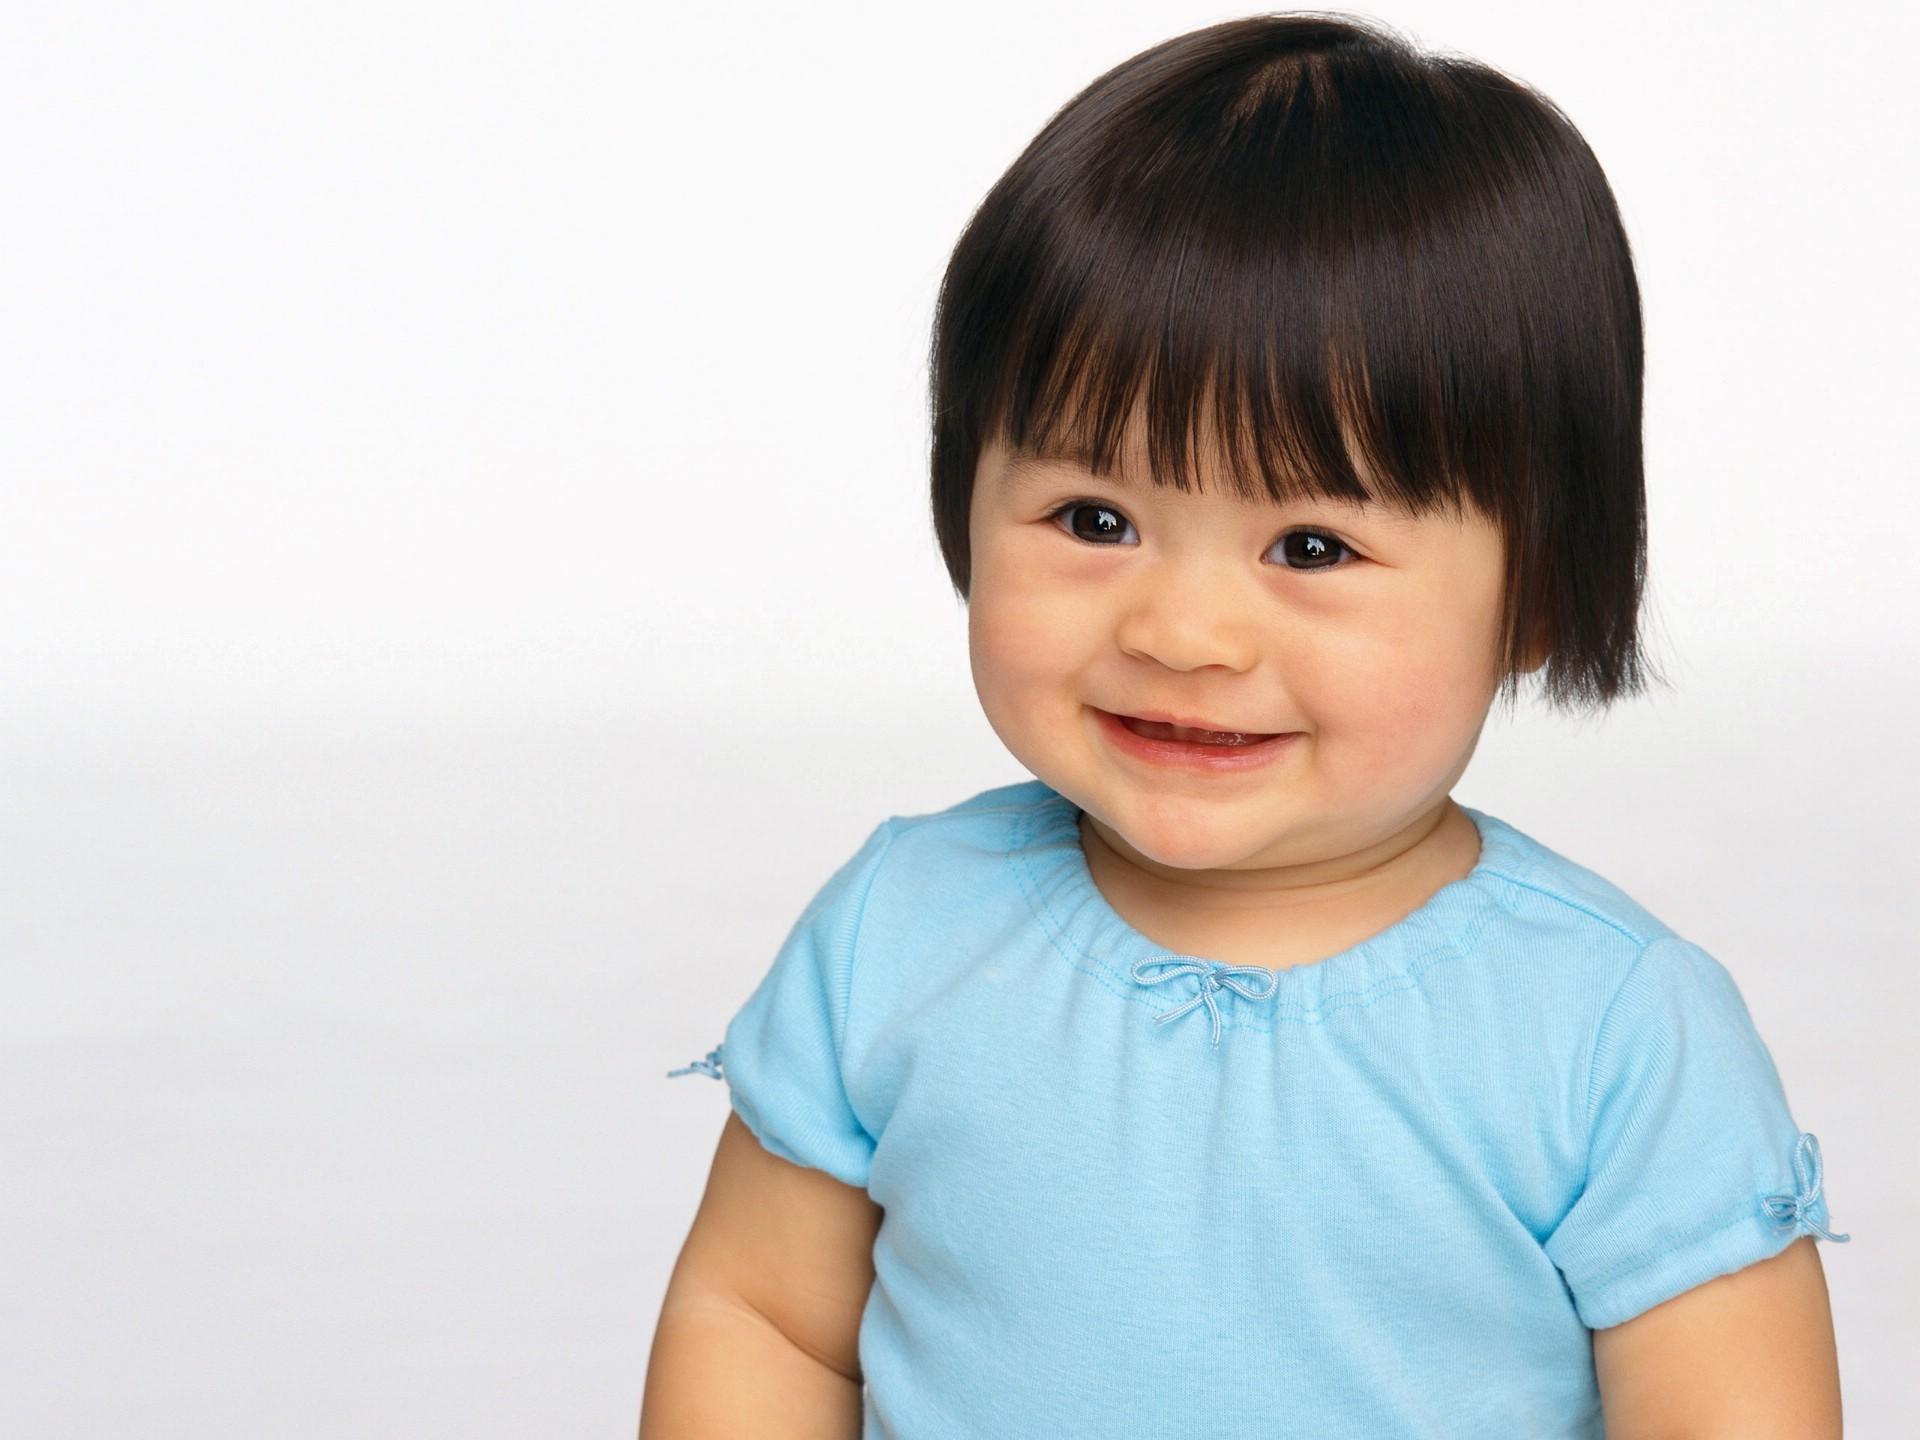 Bé 2 tuổi tự nhiên chán ăn, liên tục chảy nước dãi, đi khám kết quả khiến cha mẹ đều sốc